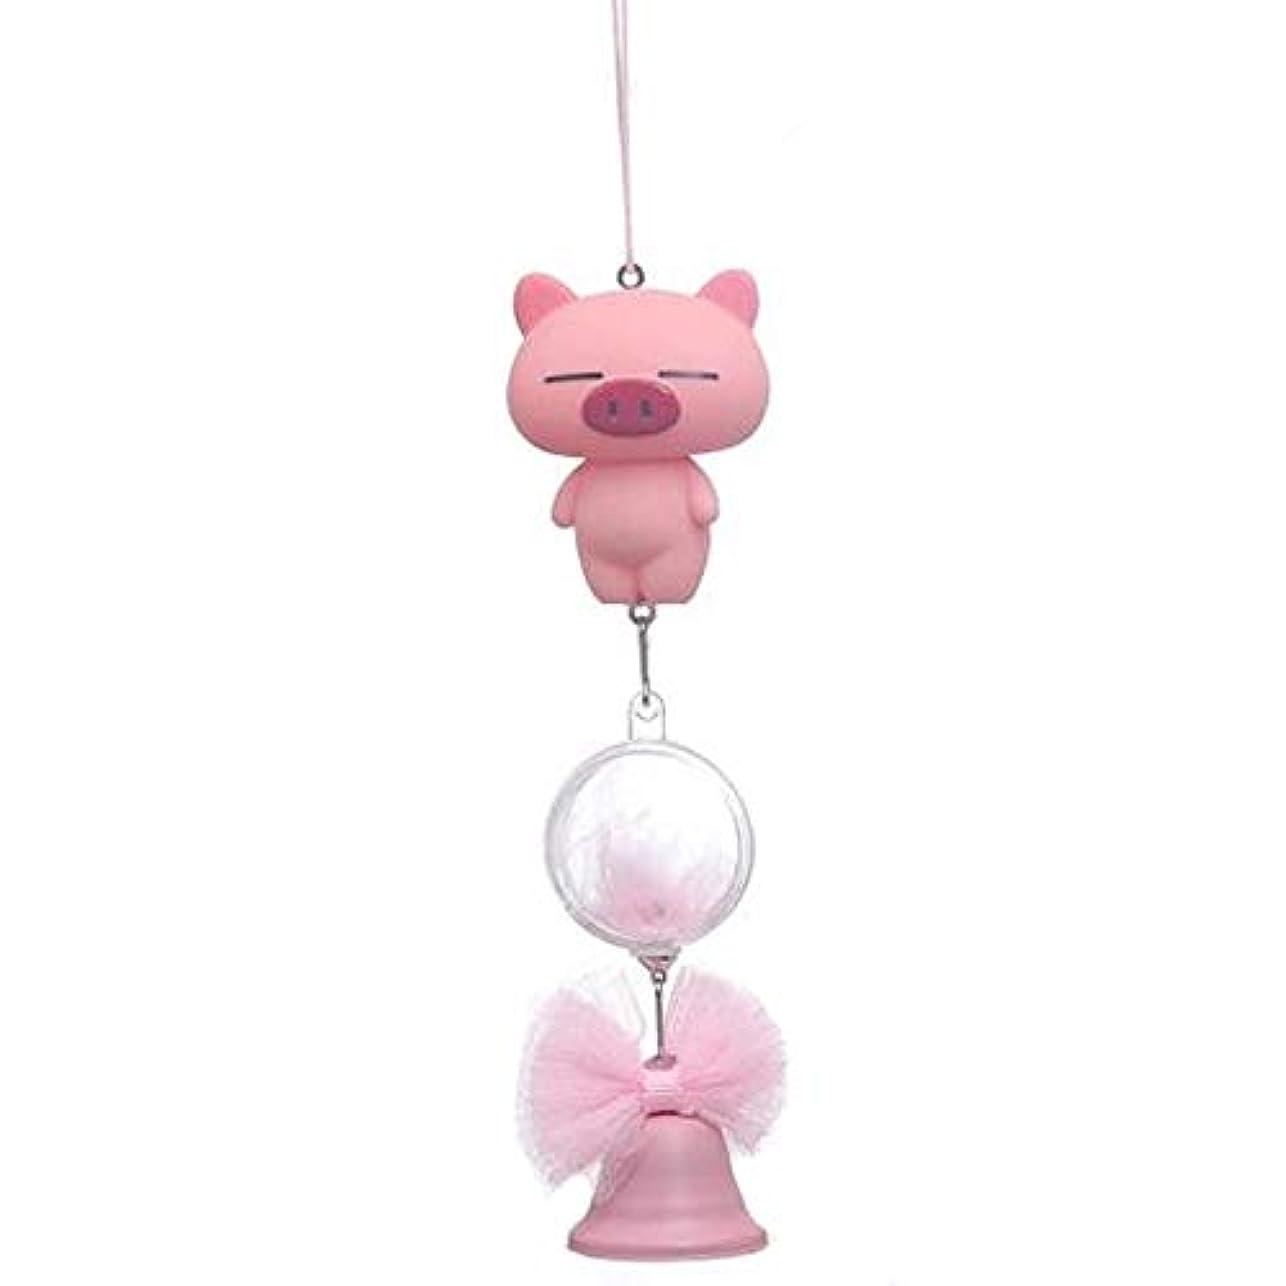 死の顎有名なルートHongyuantongxun 風チャイム、シリコーン素材クリエイティブ豚の風チャイム、パープル、全身について27cmの,、装飾品ペンダント (Color : Pink)